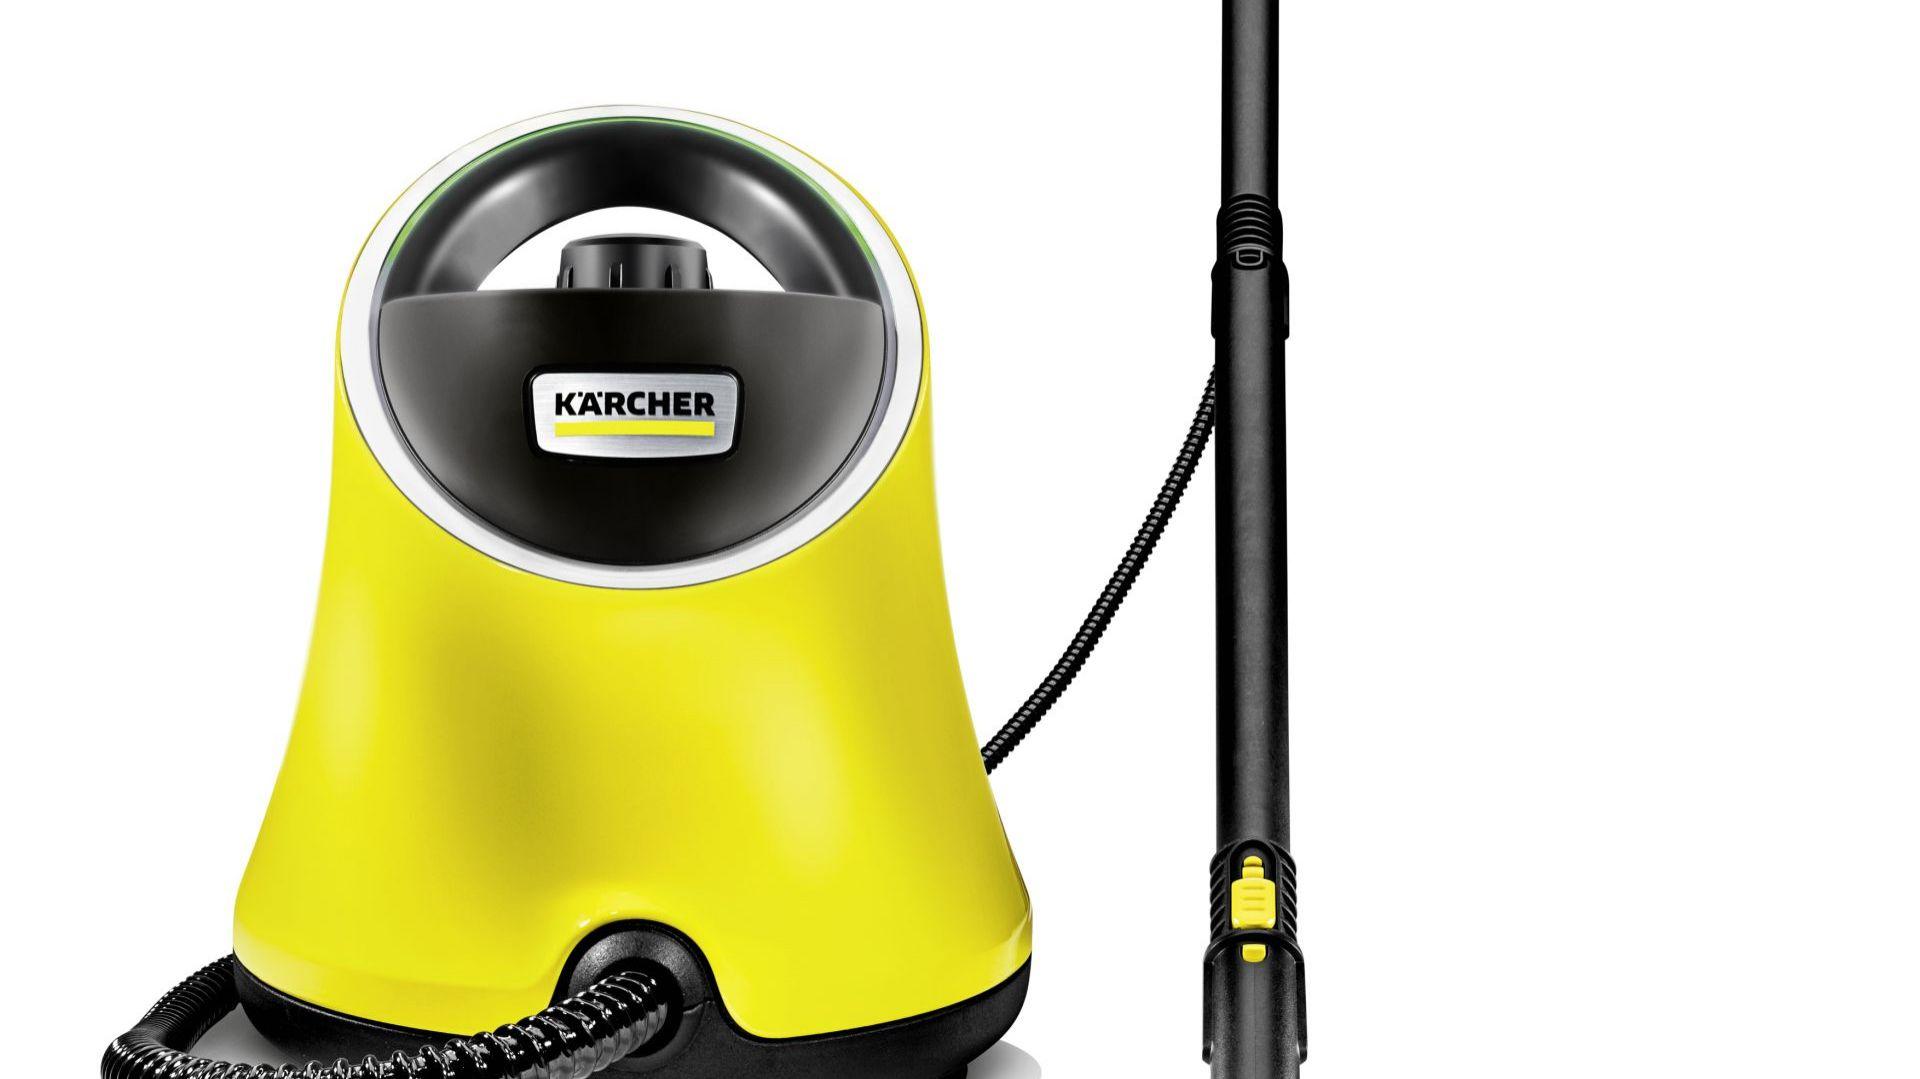 Parownica SC 2 Deluxe EasyFix/Kärcher. Produkt zgłoszony do konkursu Kuchnia - Wybór Roku 2020